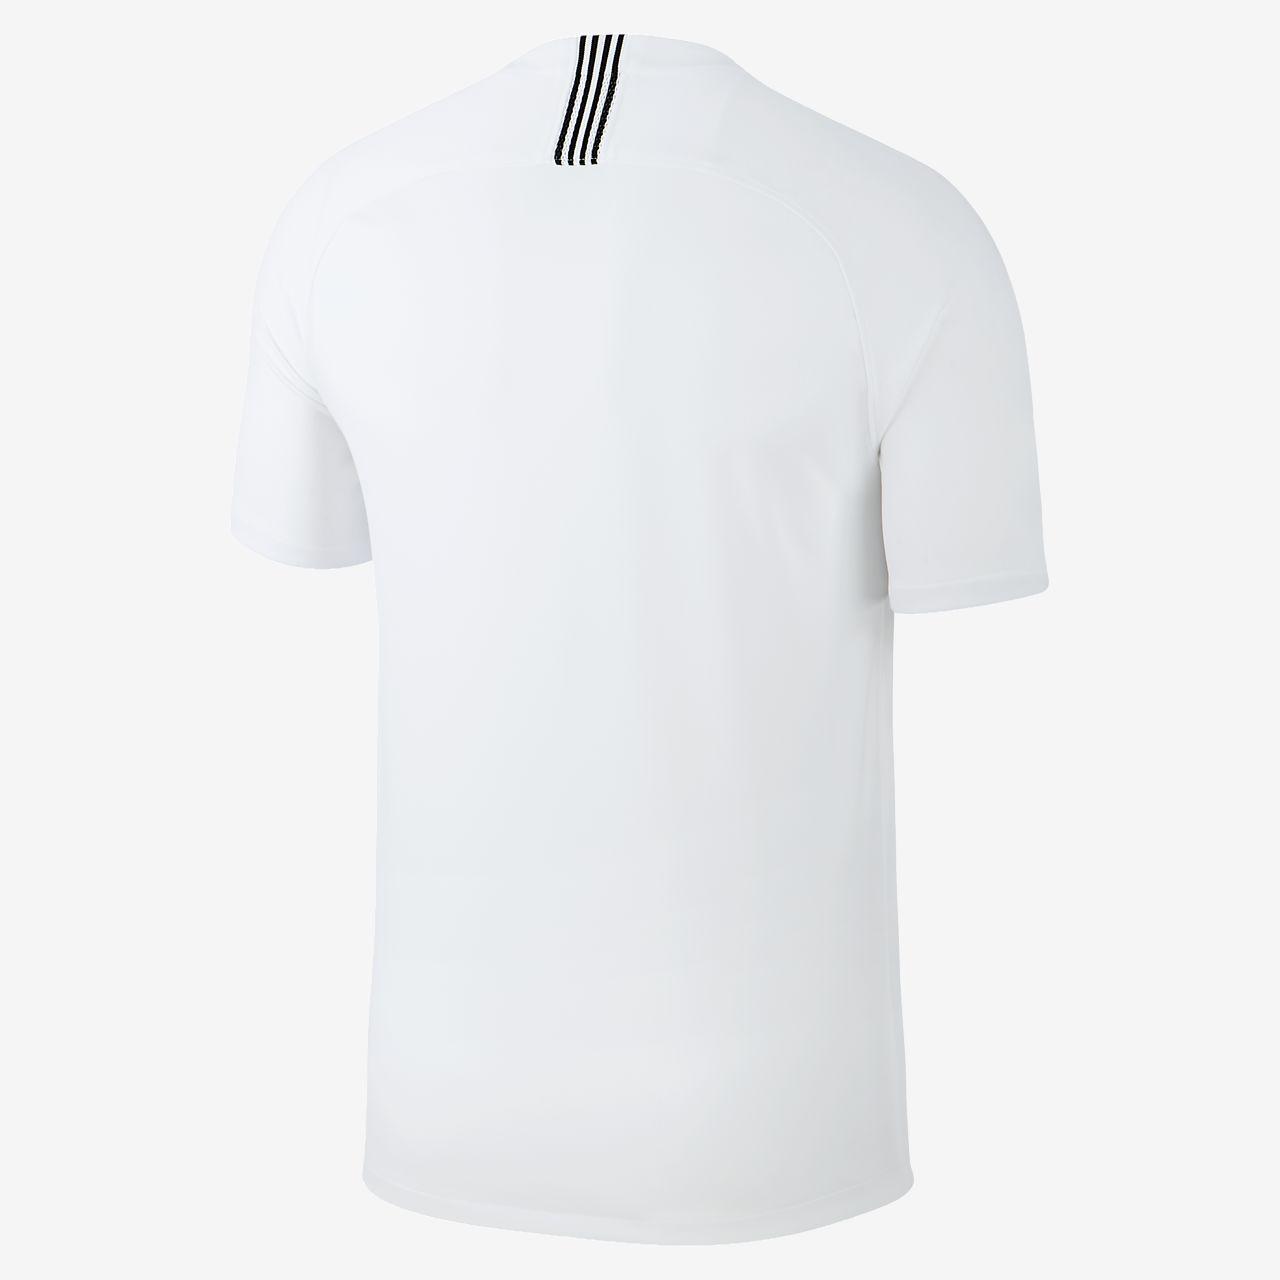 ... Camiseta de fútbol para hombre de local Stadium del S.C. Corinthians  2018 19 22d3a5288ec2d